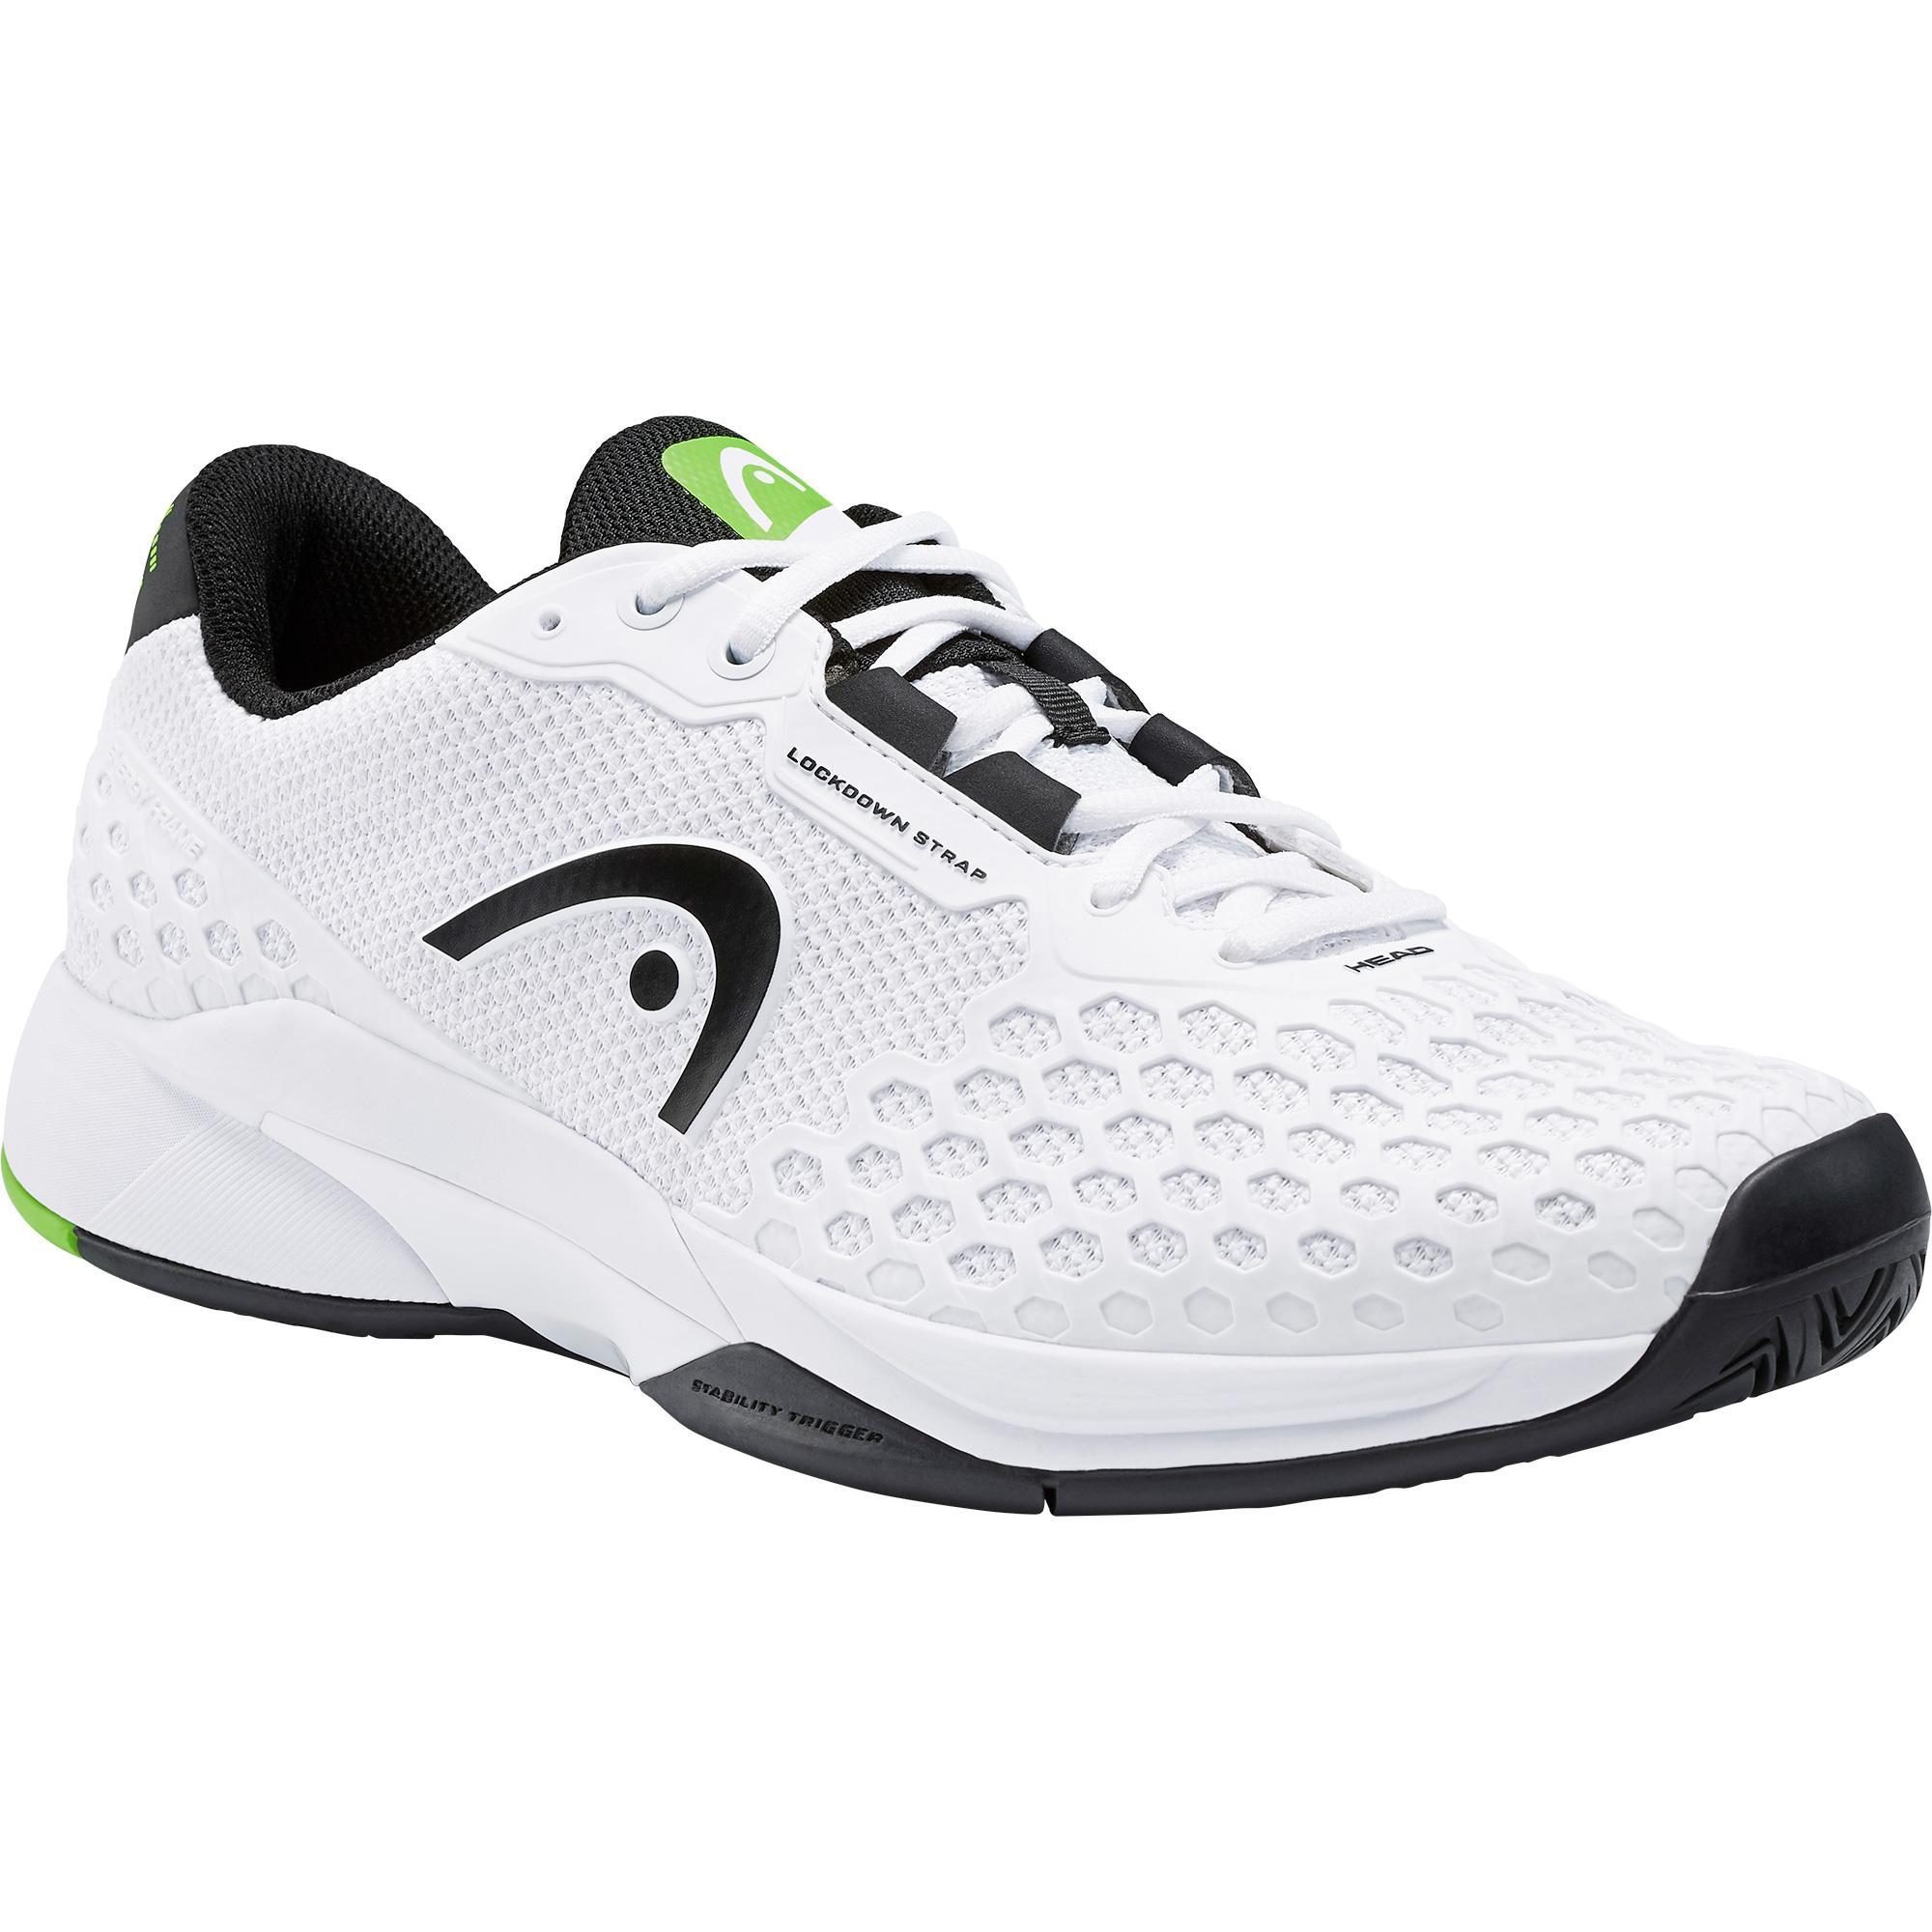 Head Mens Revolt Pro 3.0 Tennis Shoes